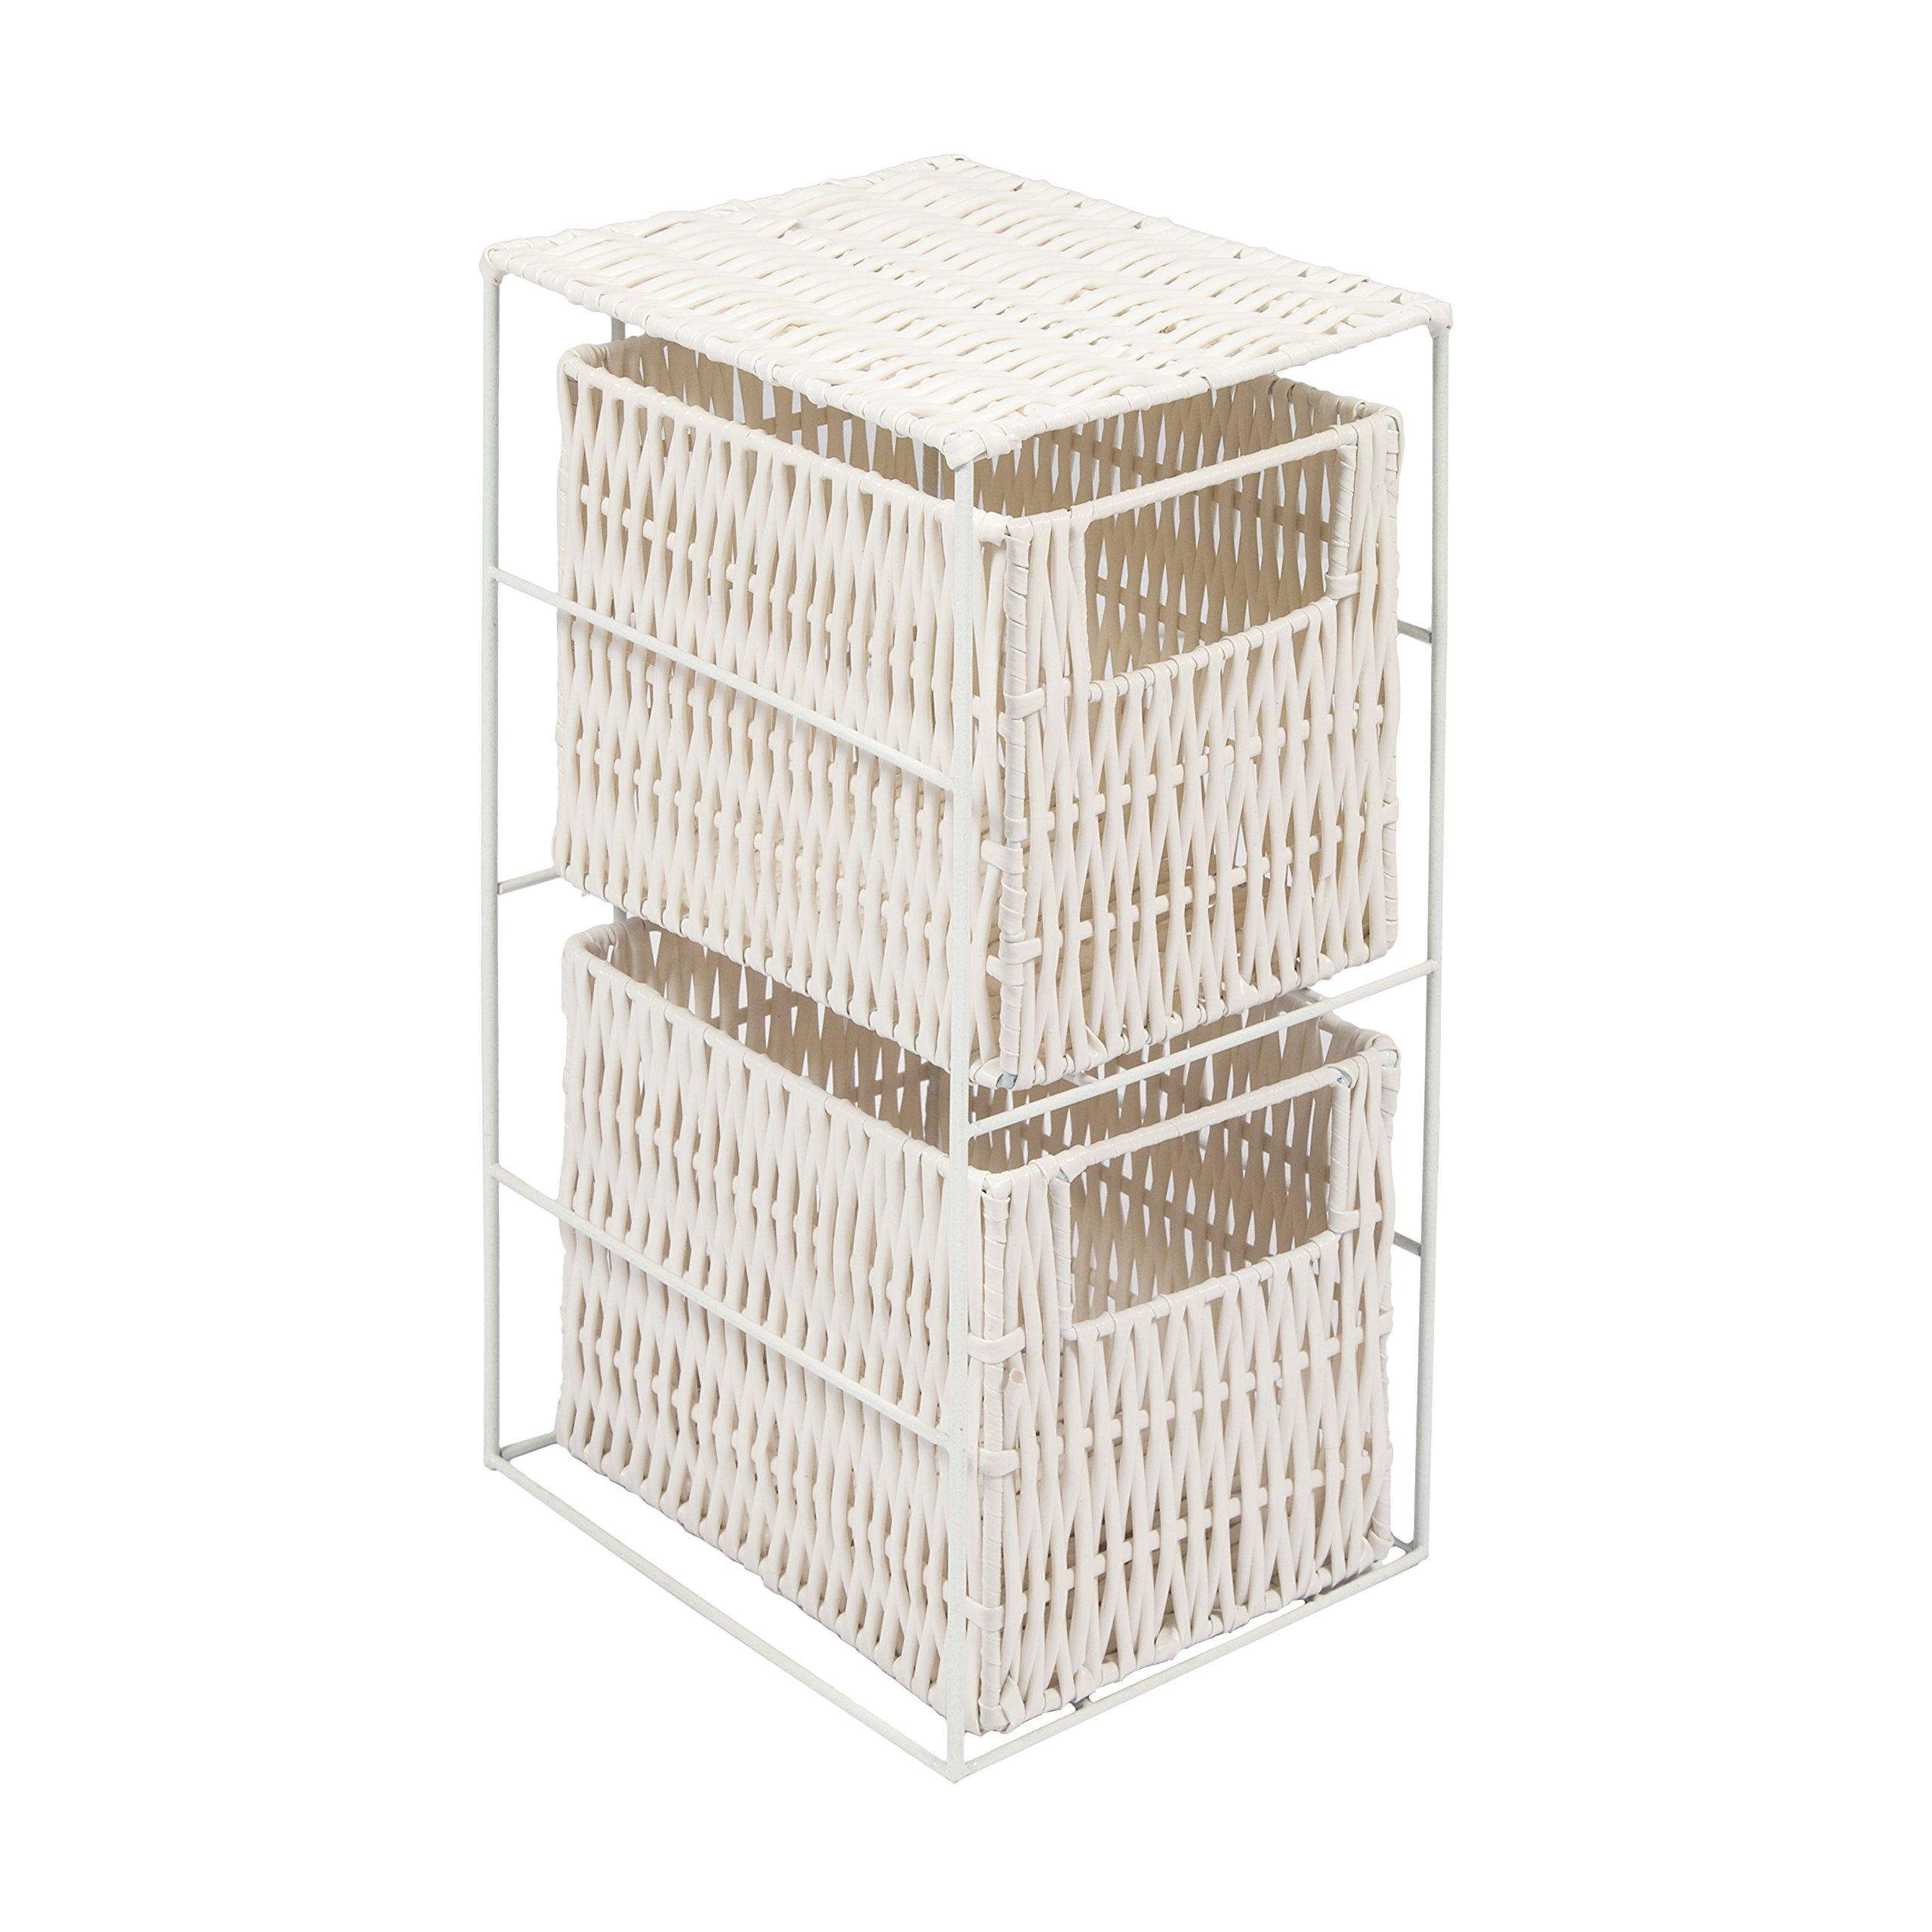 WoodLuv 2-Drawer Resin Tower Storage Unit White  sc 1 st  Amazon UK & Storage Units with Baskets: Amazon.co.uk